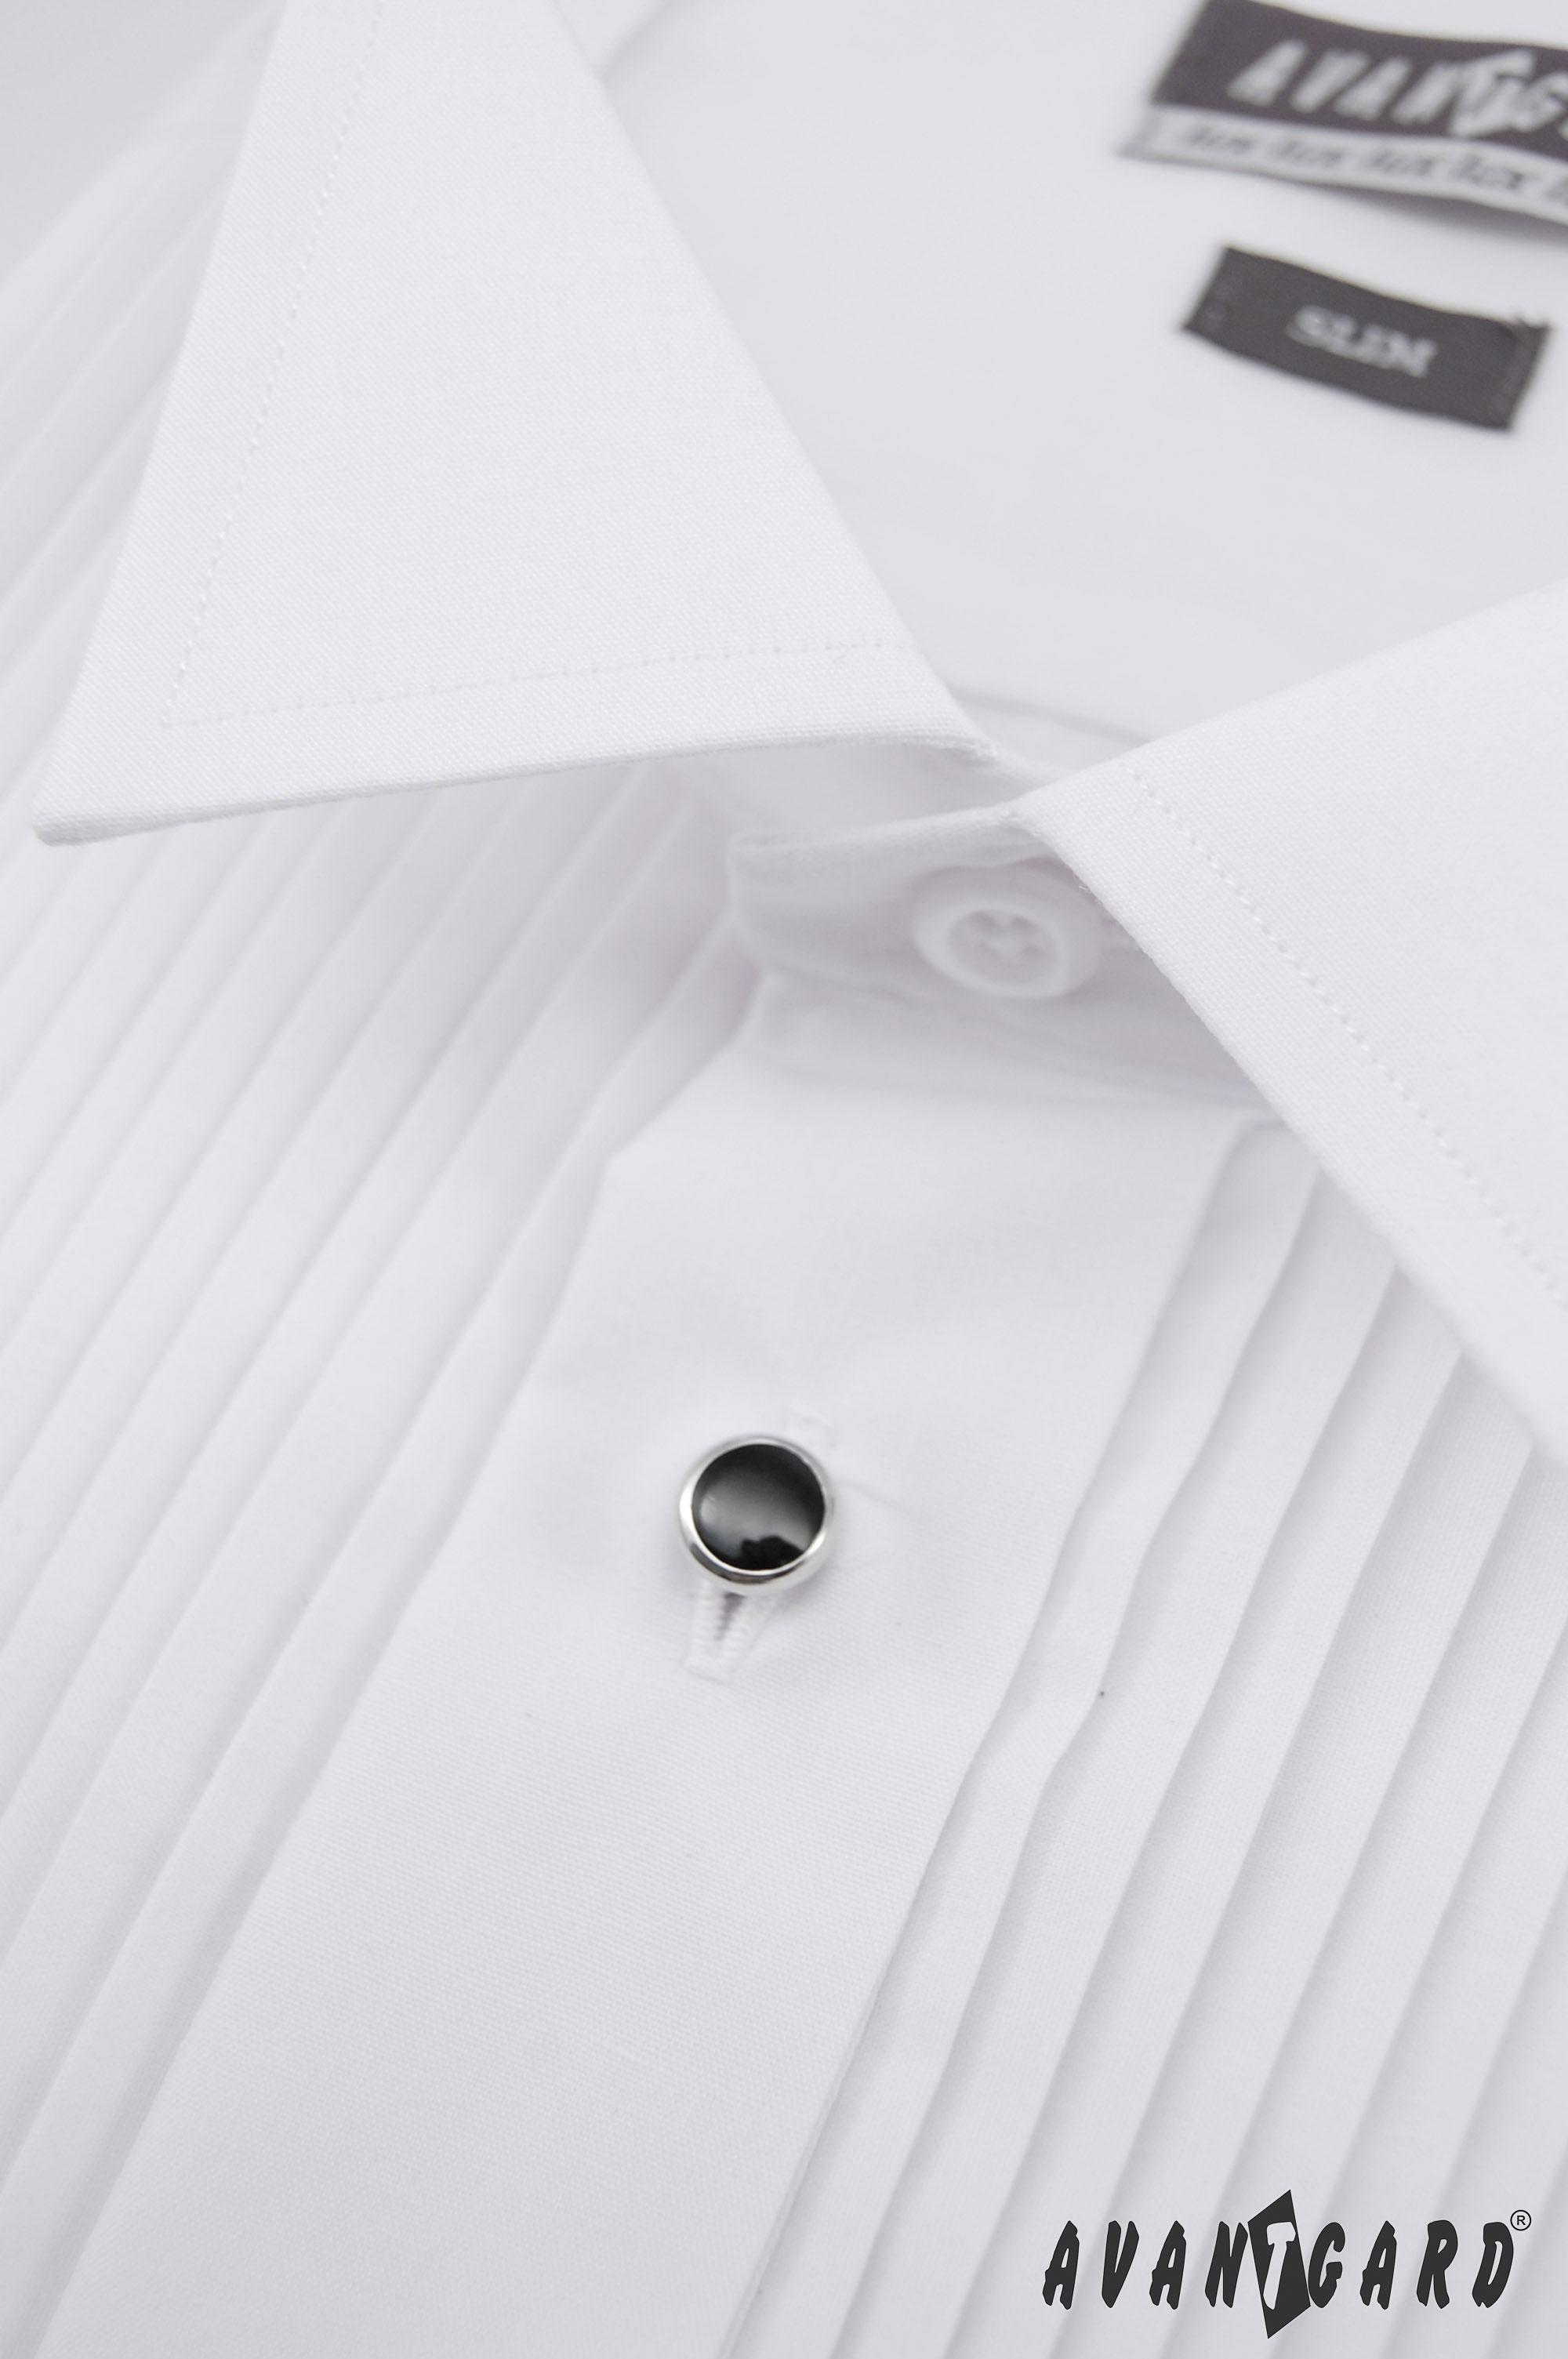 905092b78cf Avantgard pánská košile Frakovka SLIM dl. rukáv na manžetový knoflík se  sadou knoflíčků 112-1 barva bílá